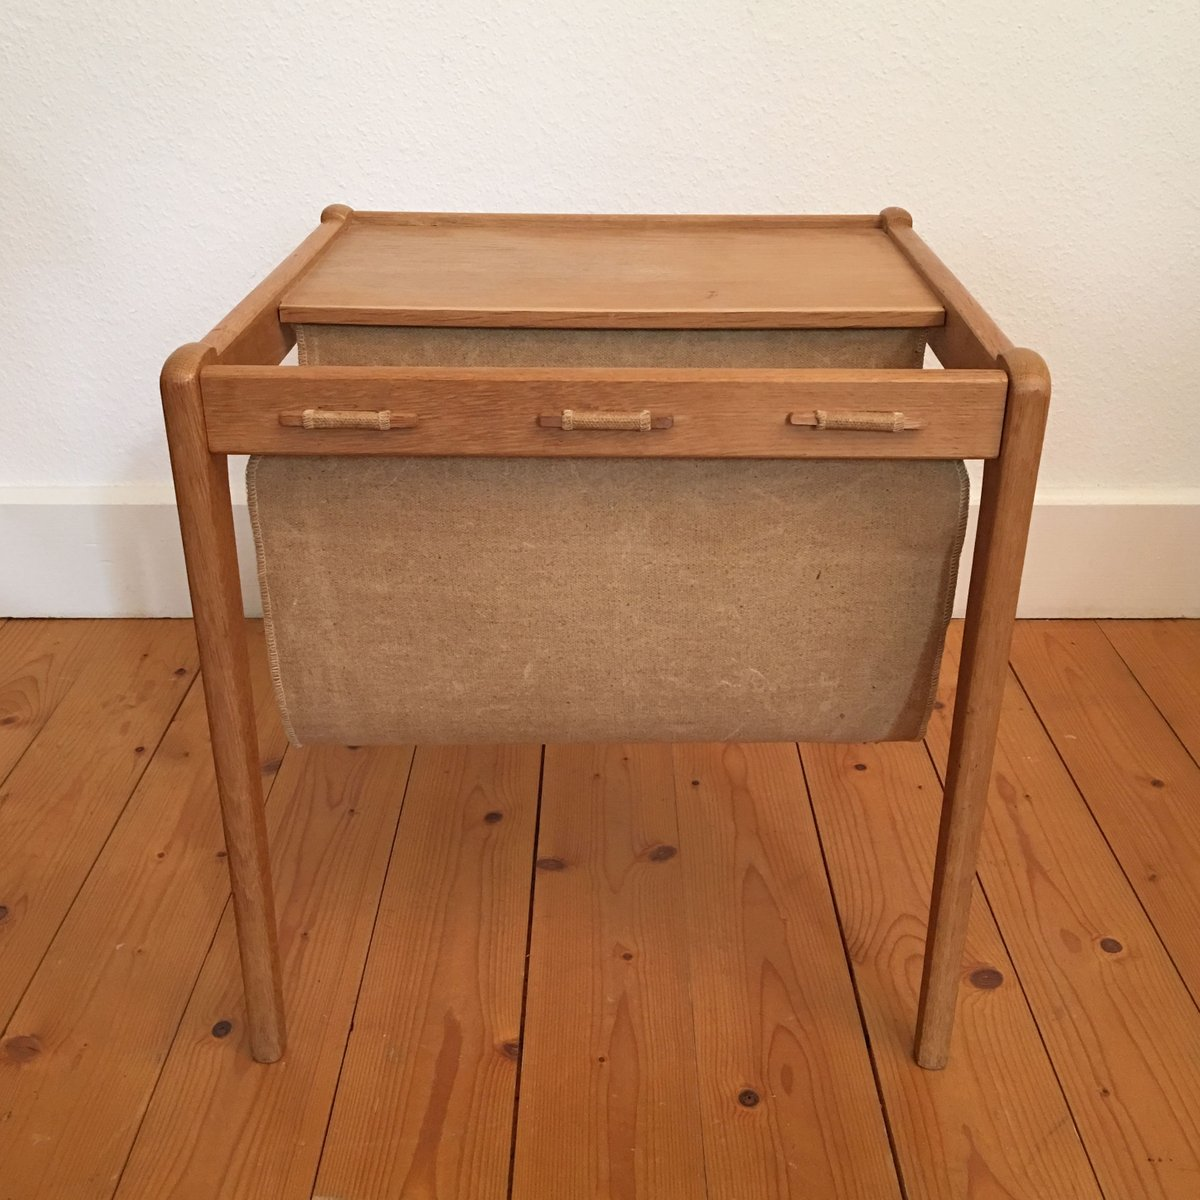 table d 39 appoint et porte revues de furbo danemark 1960s en vente sur pamono. Black Bedroom Furniture Sets. Home Design Ideas